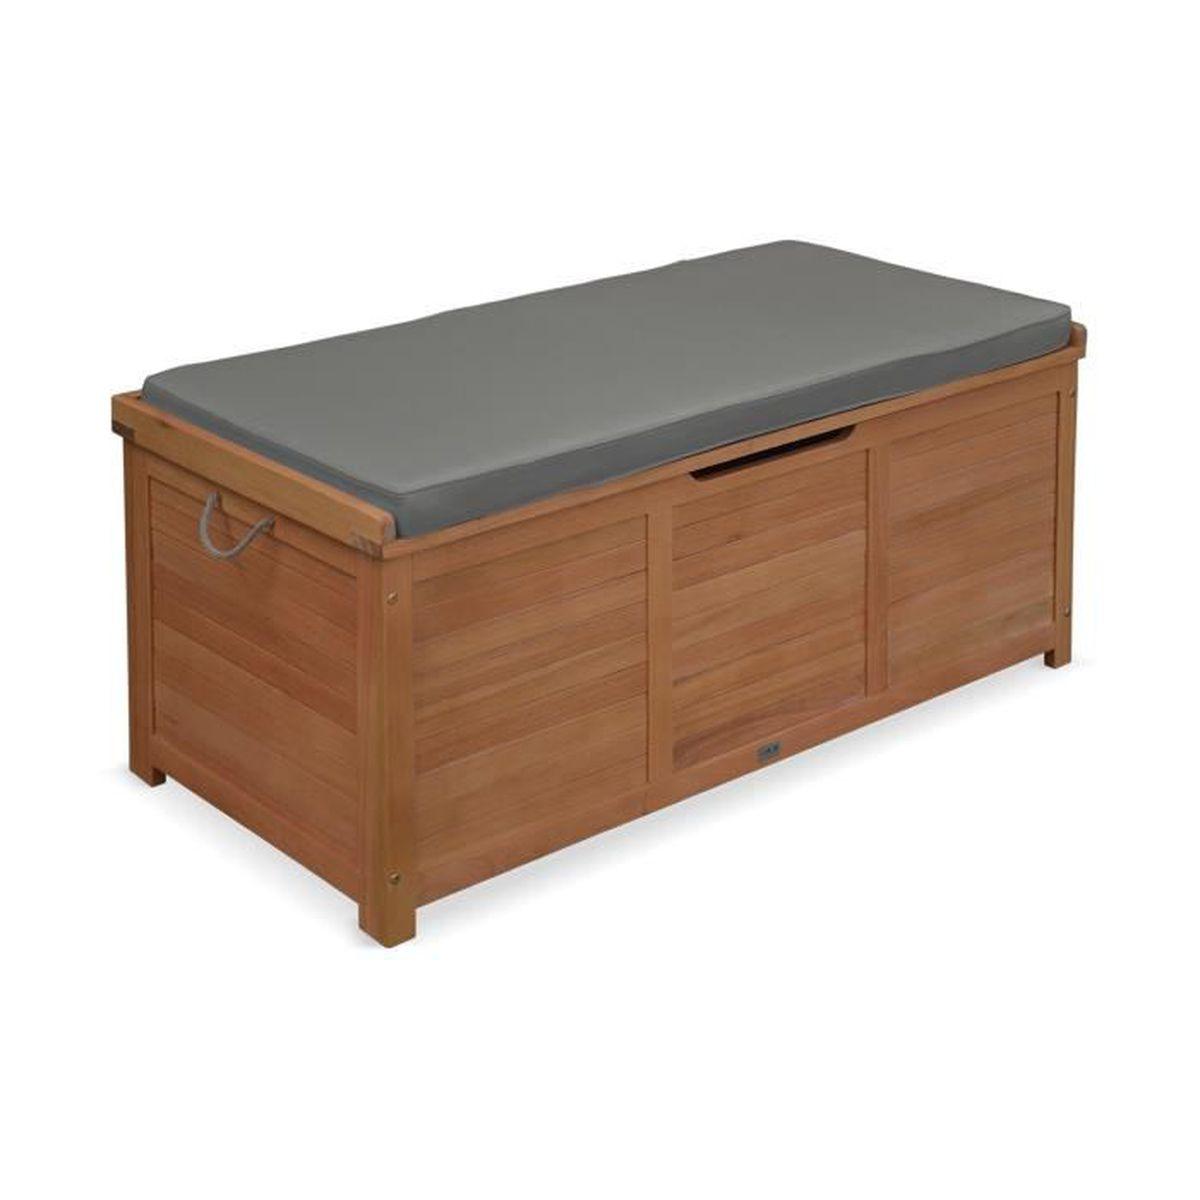 Coffre de jardin caja en bois 125x60cm rangement coussins avec v rin et poign es achat vente - Coffre de jardin bois ...